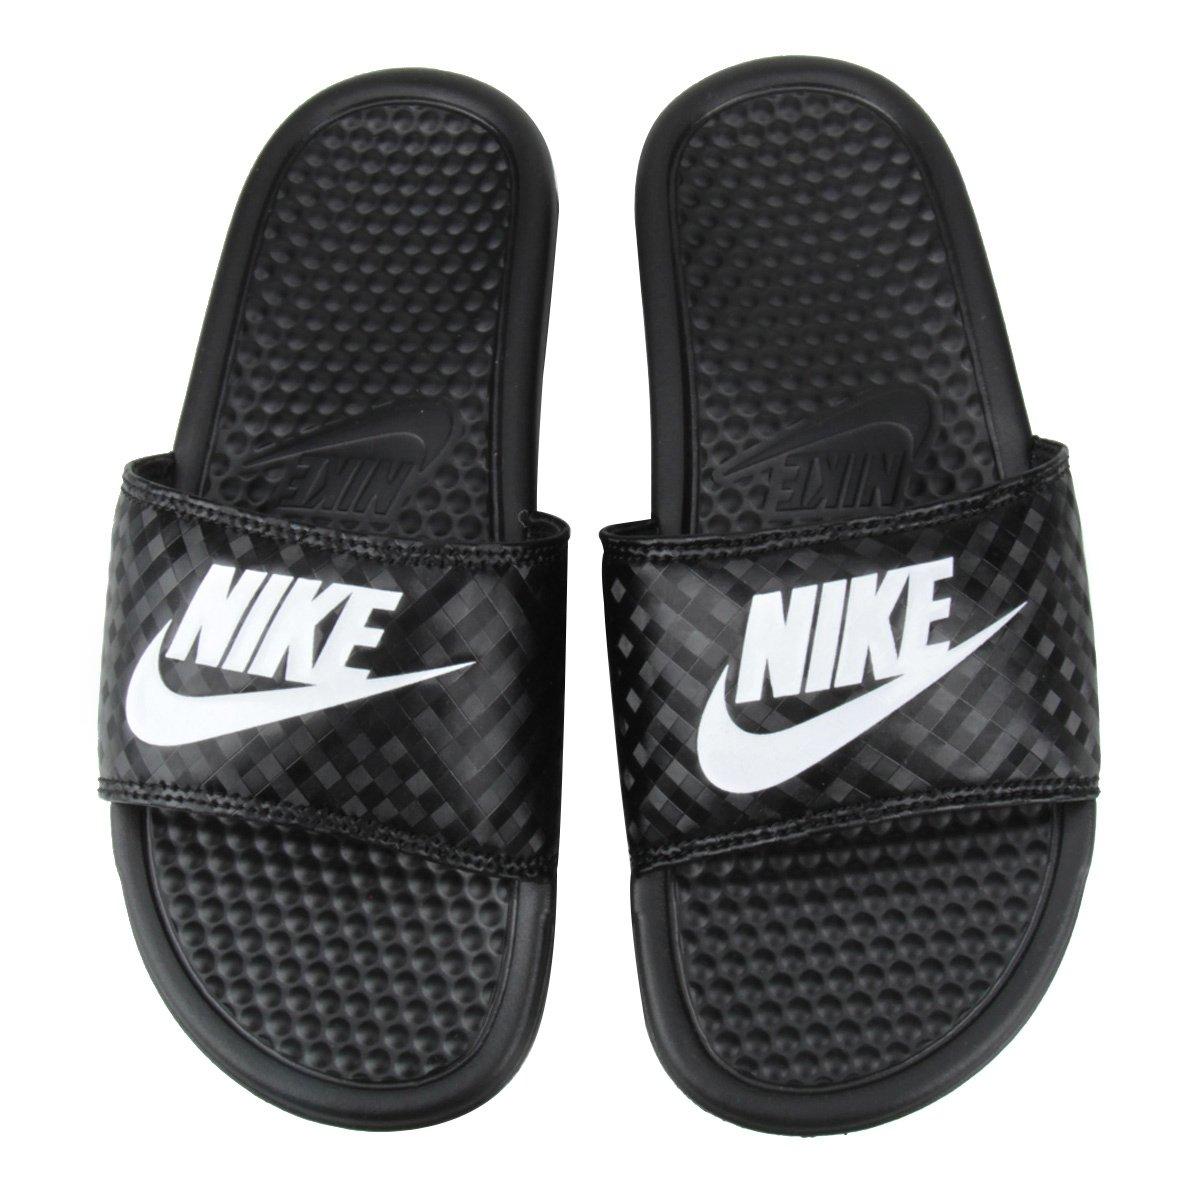 Sandália Nike Benassi JDI 343881-011 - Preto Branco - Botas Online ... 2244c0619ee